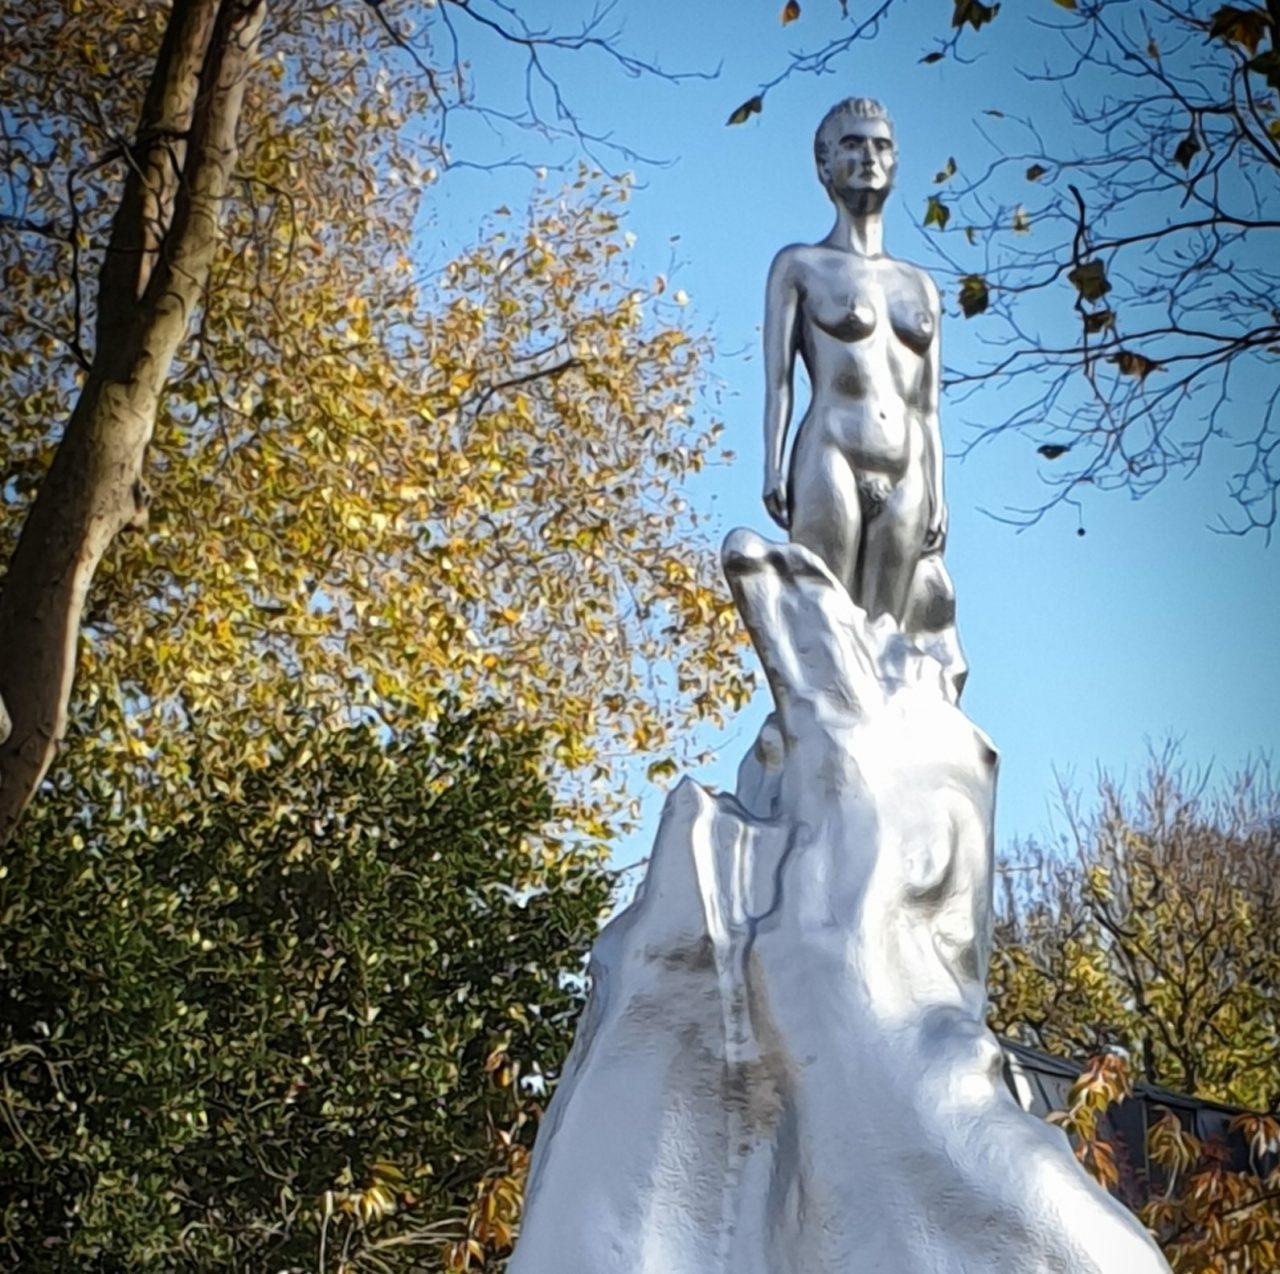 Mary_wollstonecraft_statue_2020